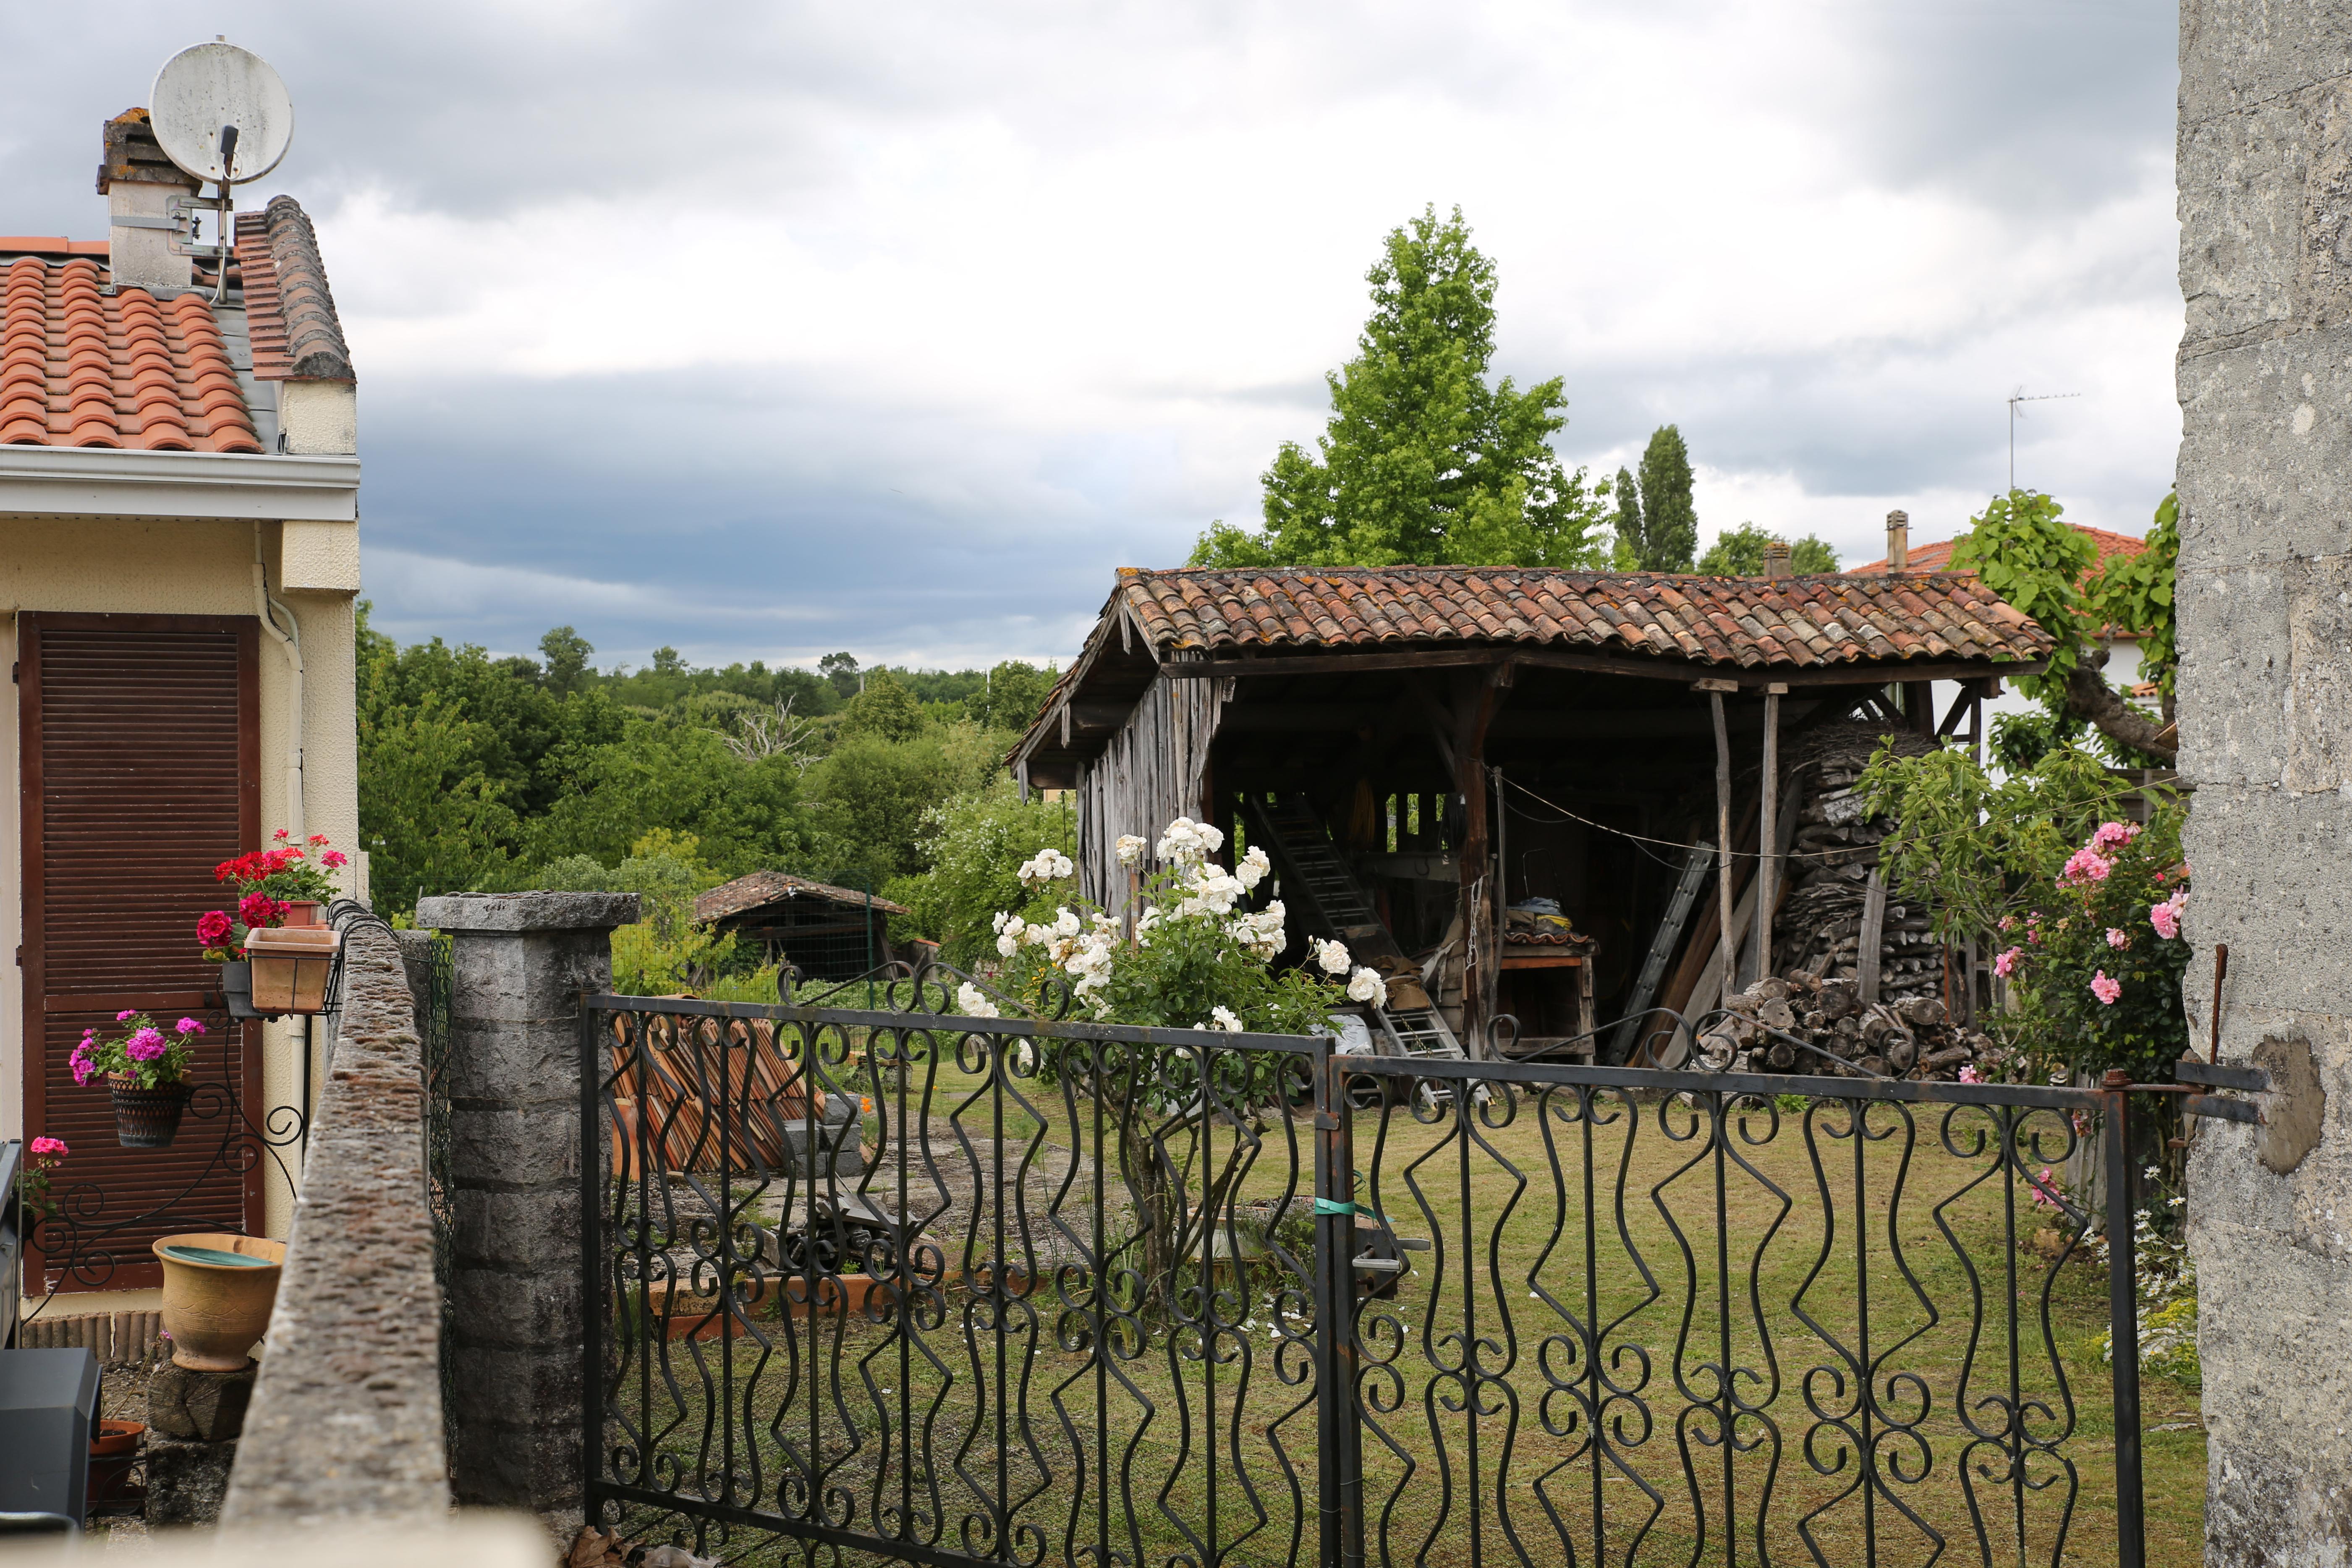 File:gajac-Abri De Jardin.jpg - Wikimedia Commons avec Abri De Jardin Original